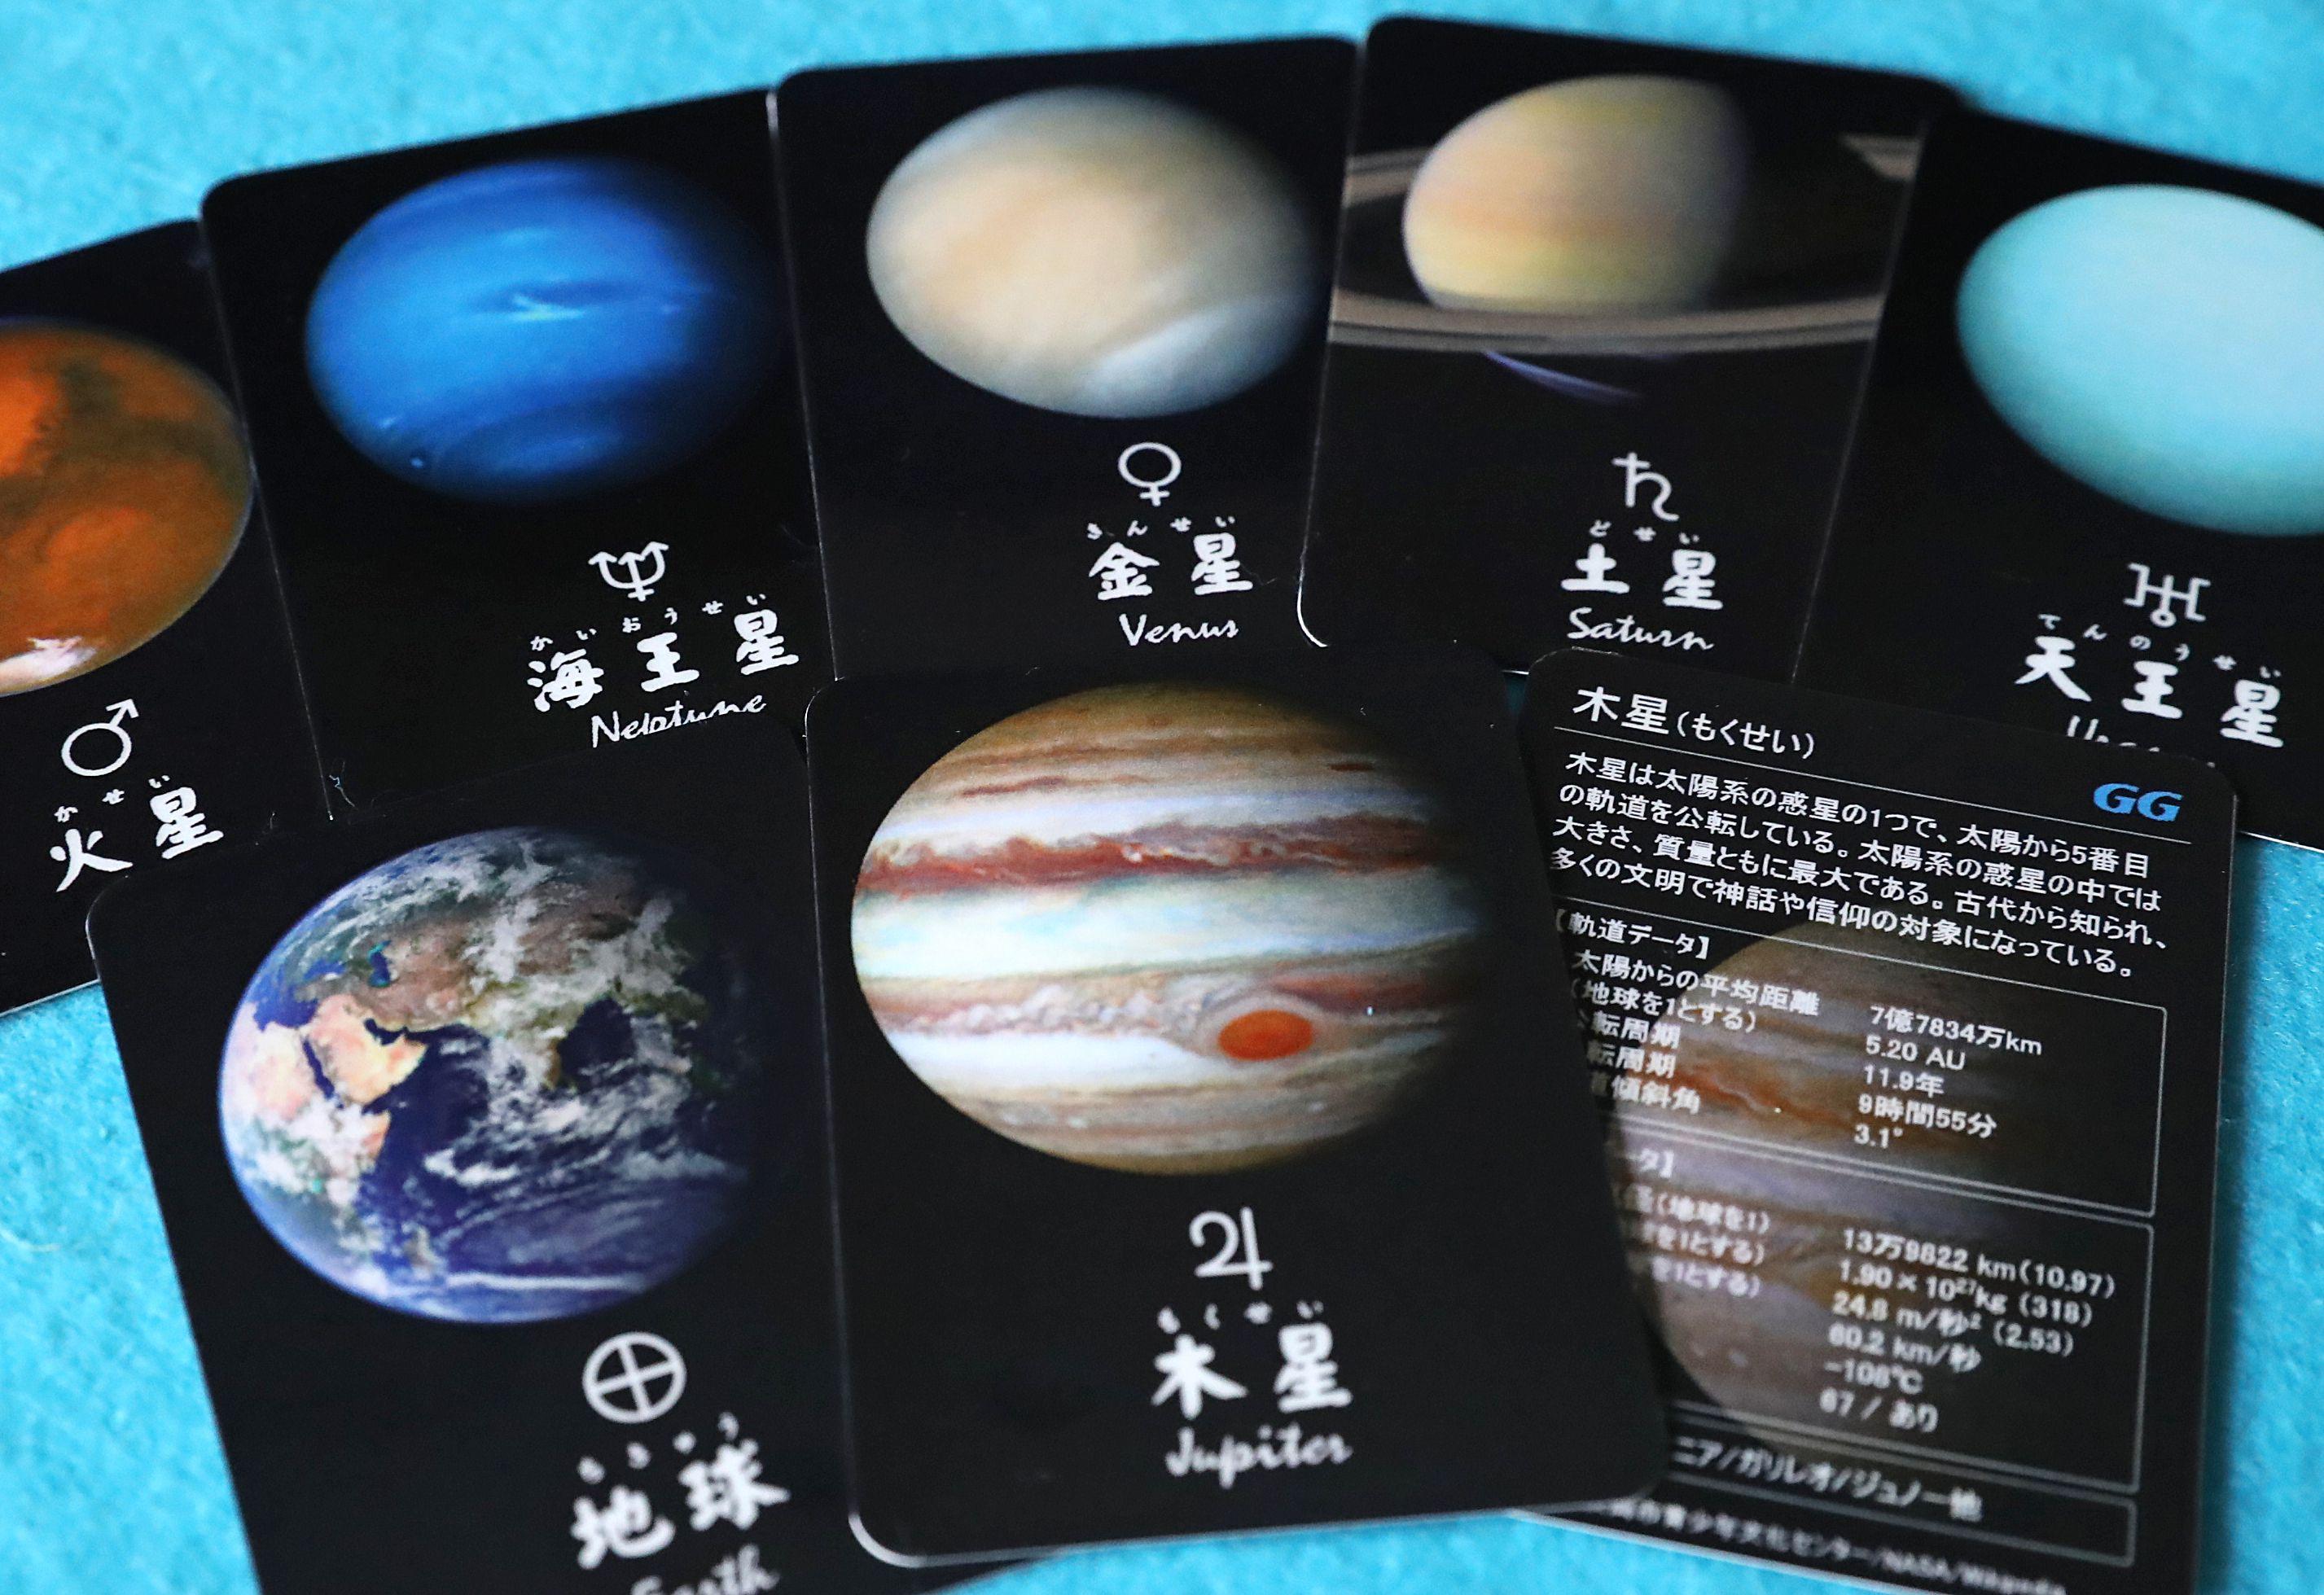 星空観察会で配布しているカード。デザインや惑星の説明もオリジナルだ